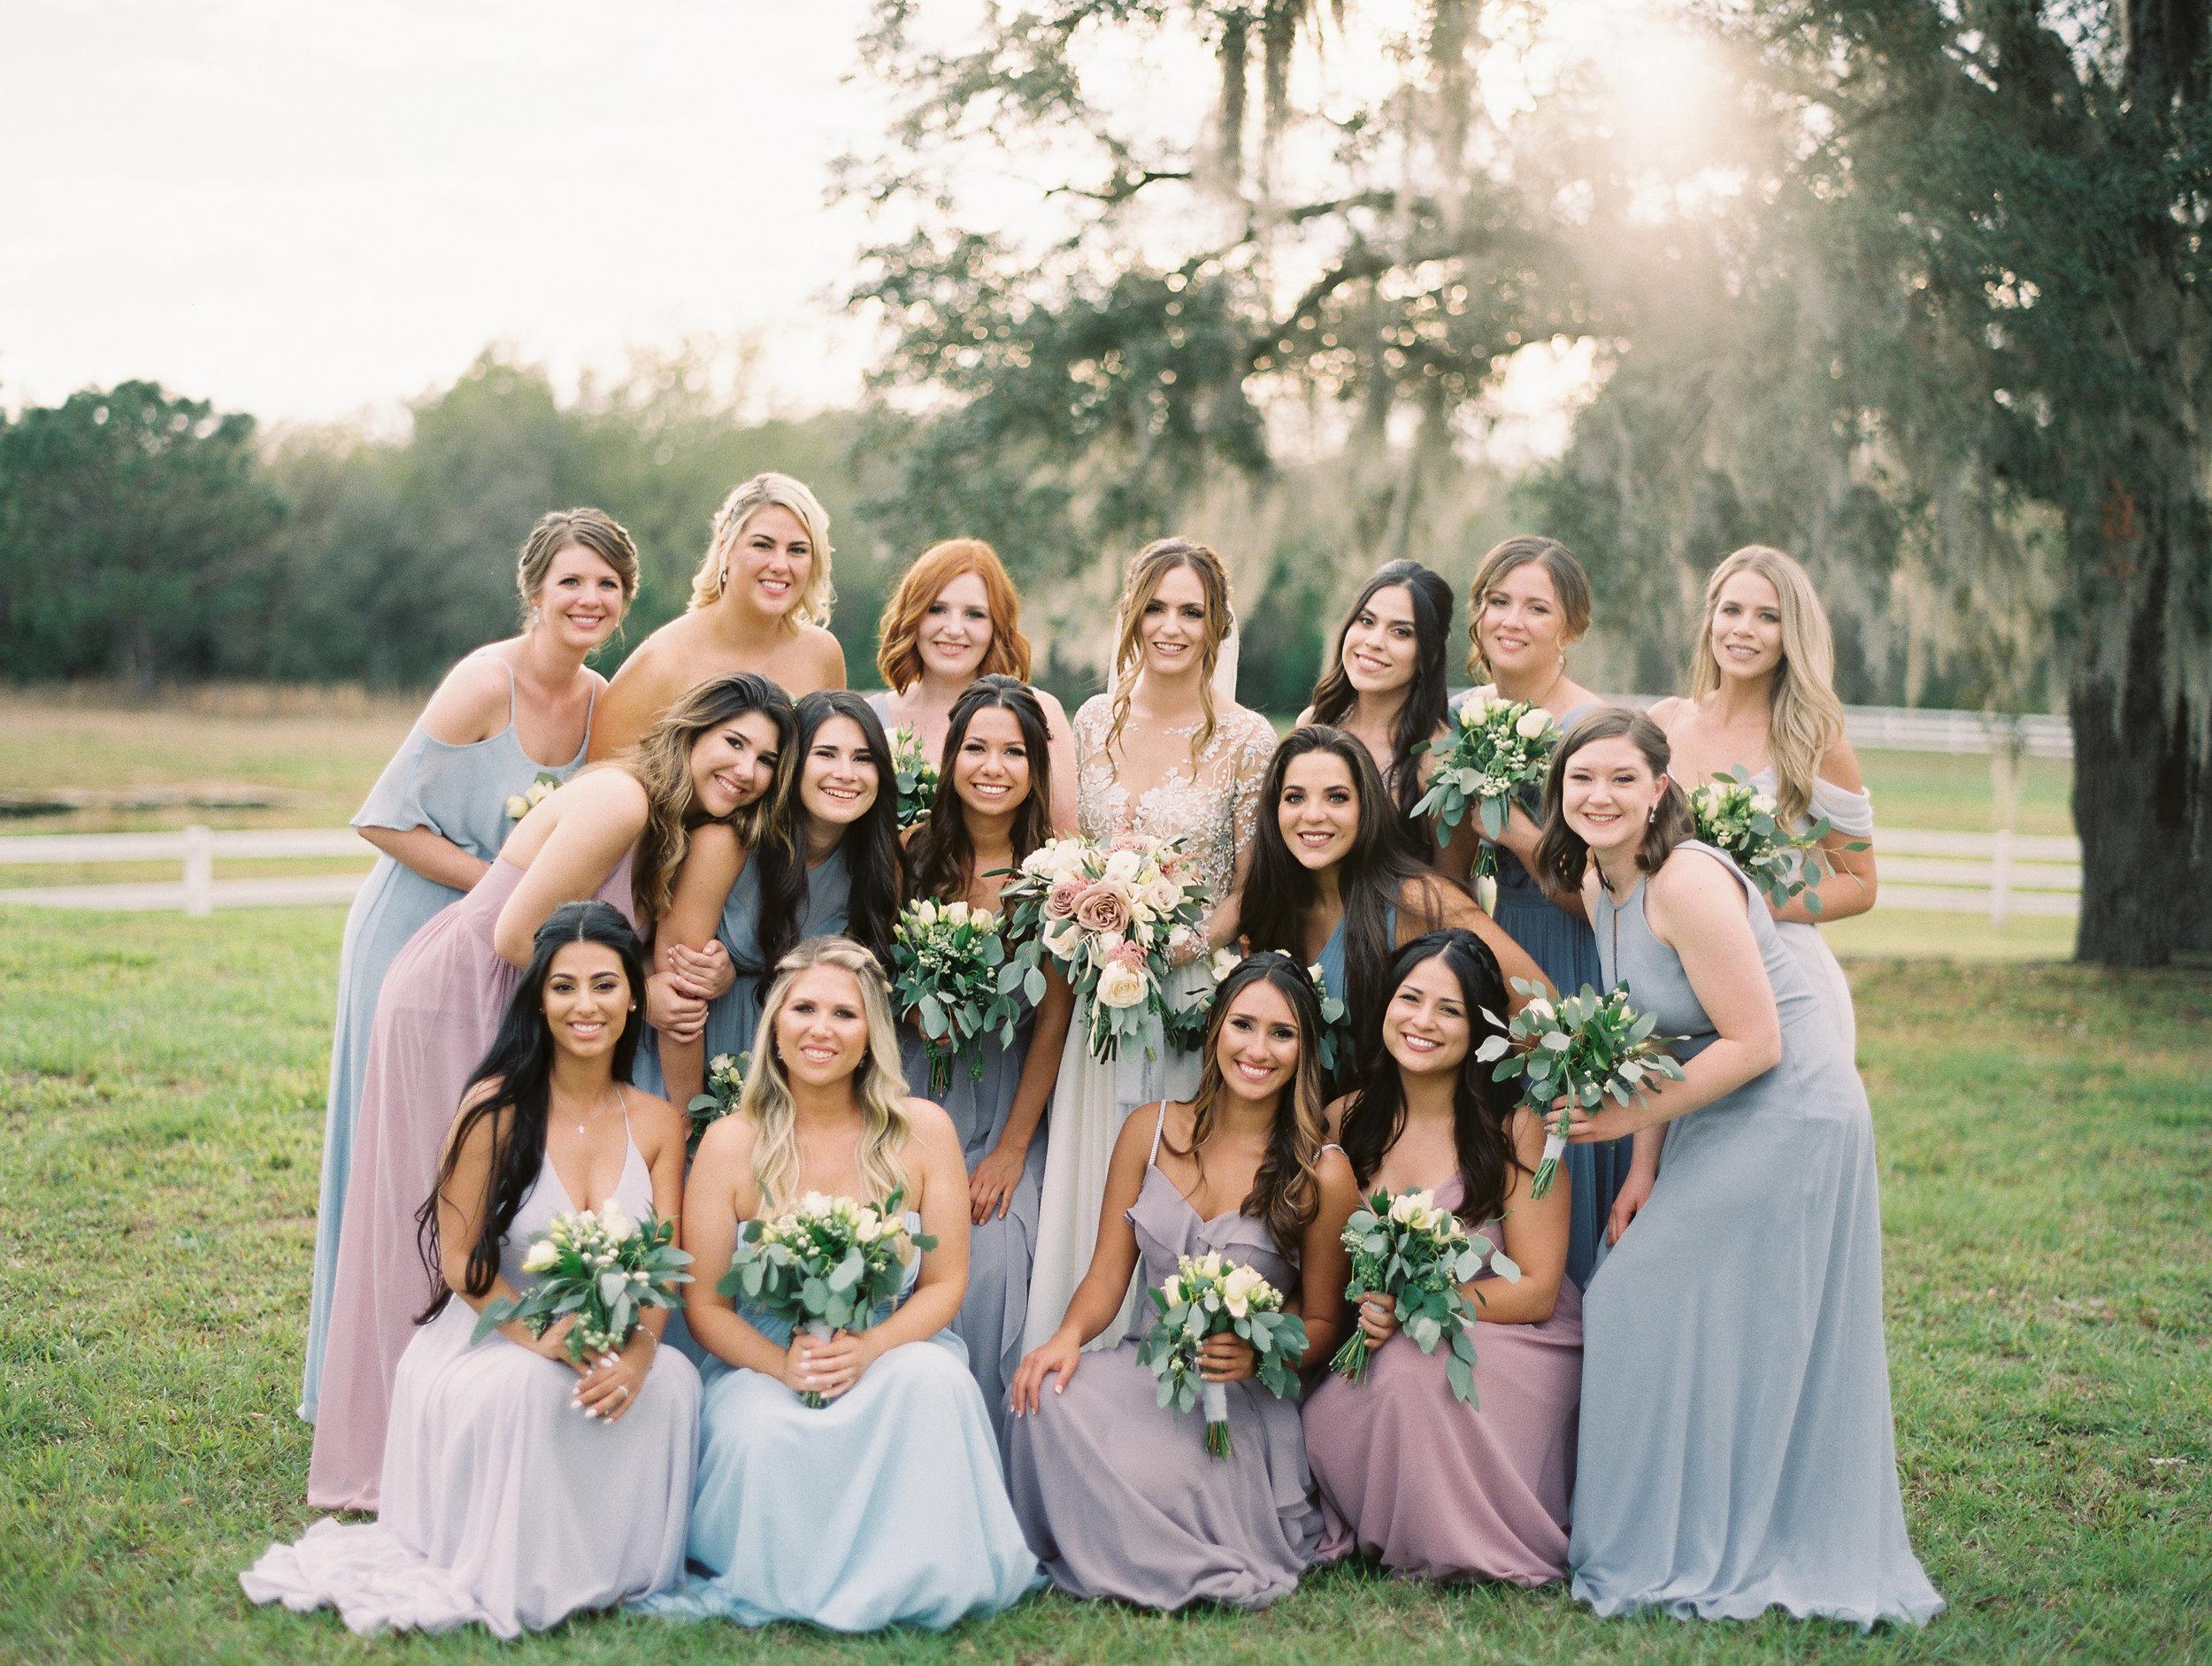 Bridesmaids127346RLbe030711-R4-051.jpg